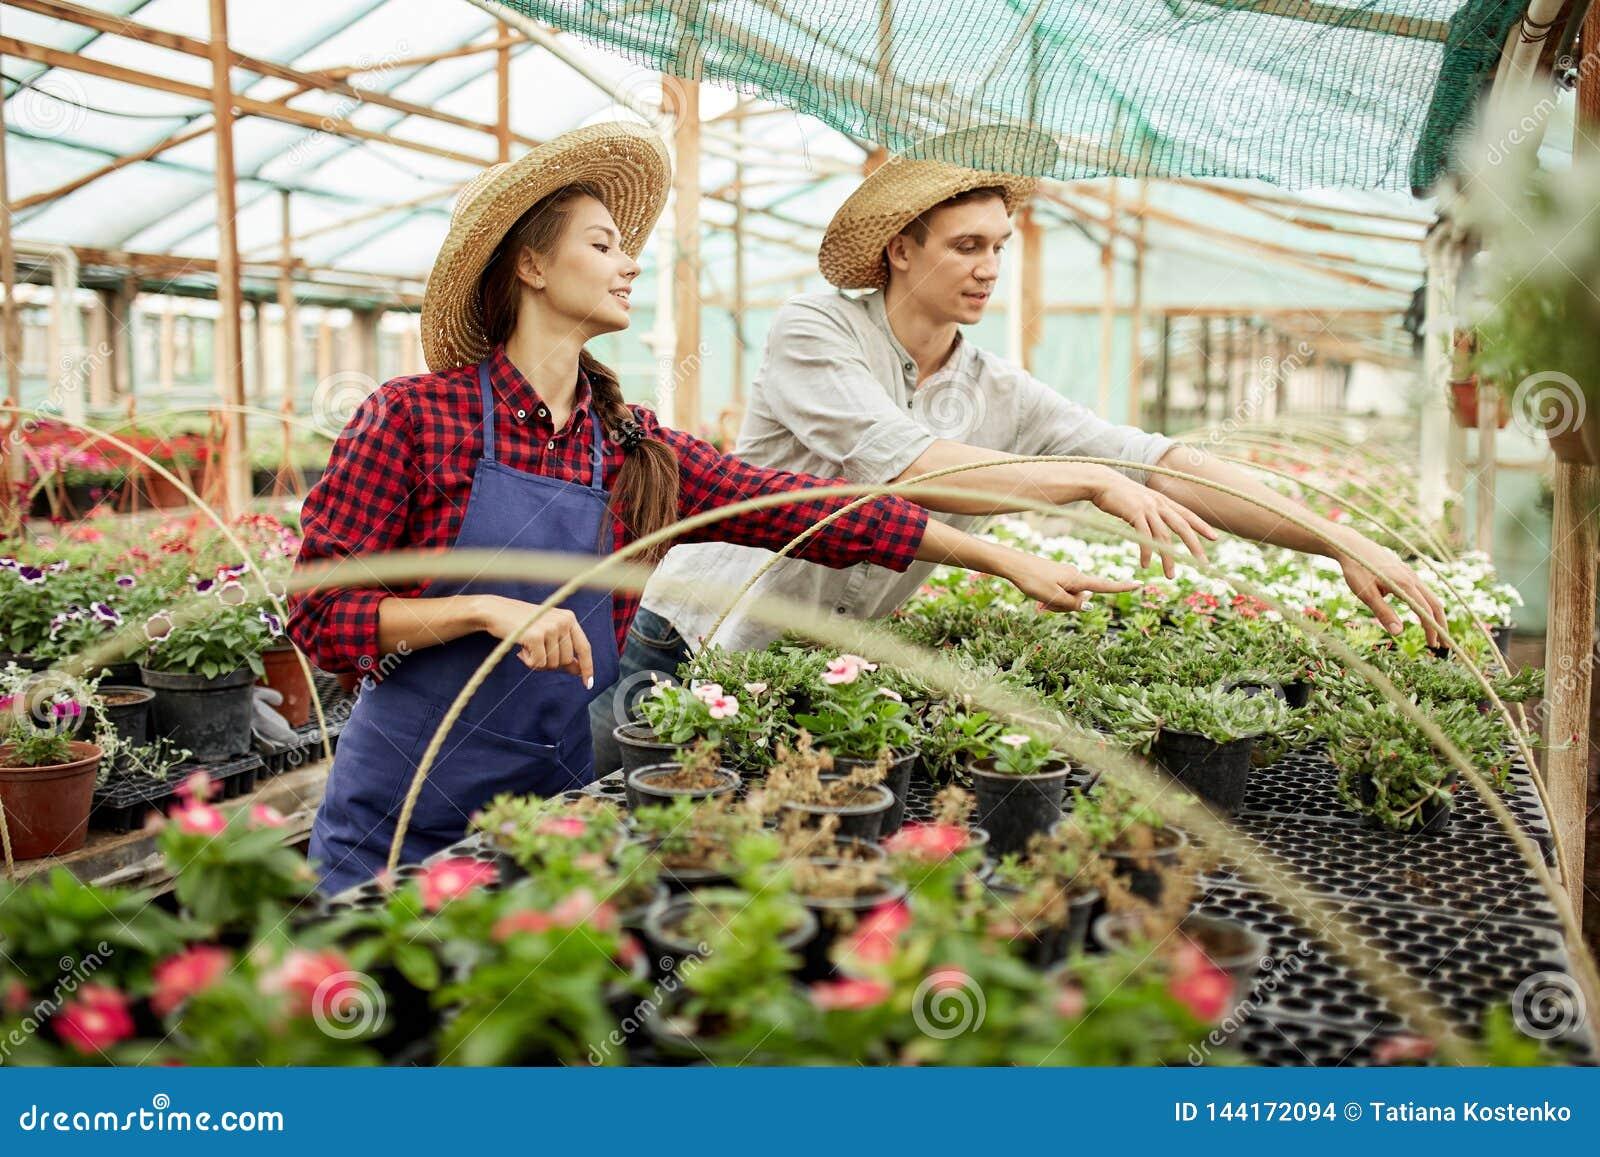 Faceta i dziewczyny ogrodniczki w słomiani kapelusze wybierają garnki z kwiat rozsadami w szklarni na słonecznym dniu